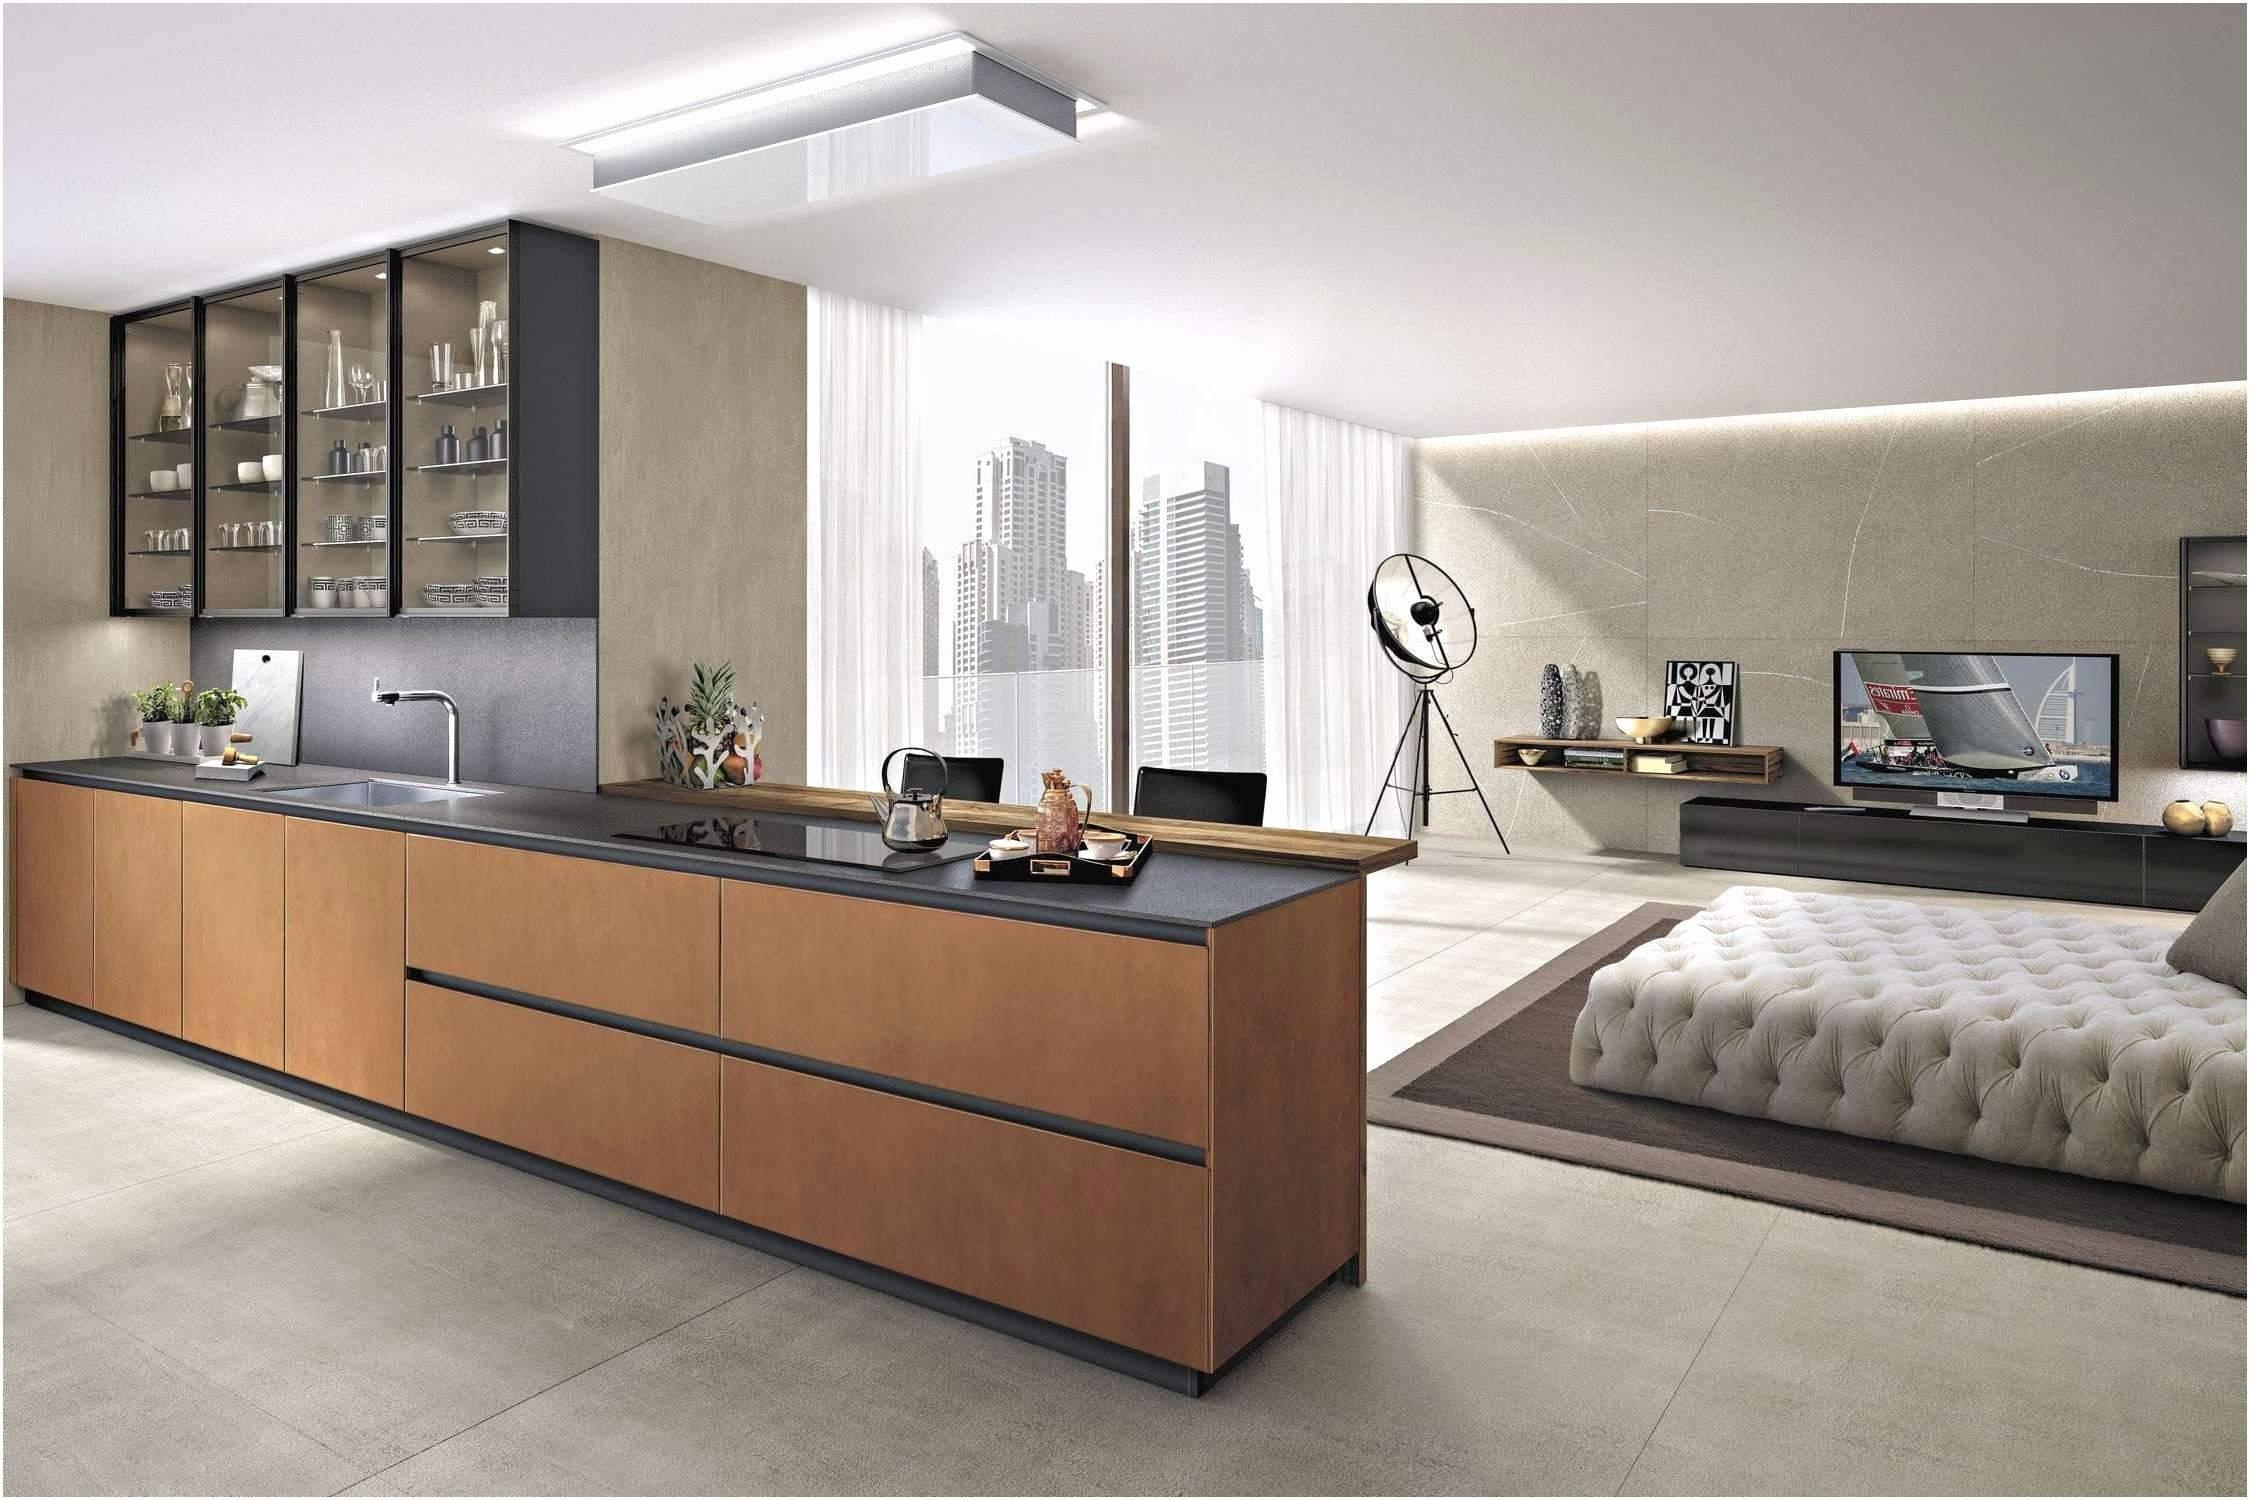 wohnzimmer stuhle reizend 54 luxus gartenstuhle modern of wohnzimmer stuhle